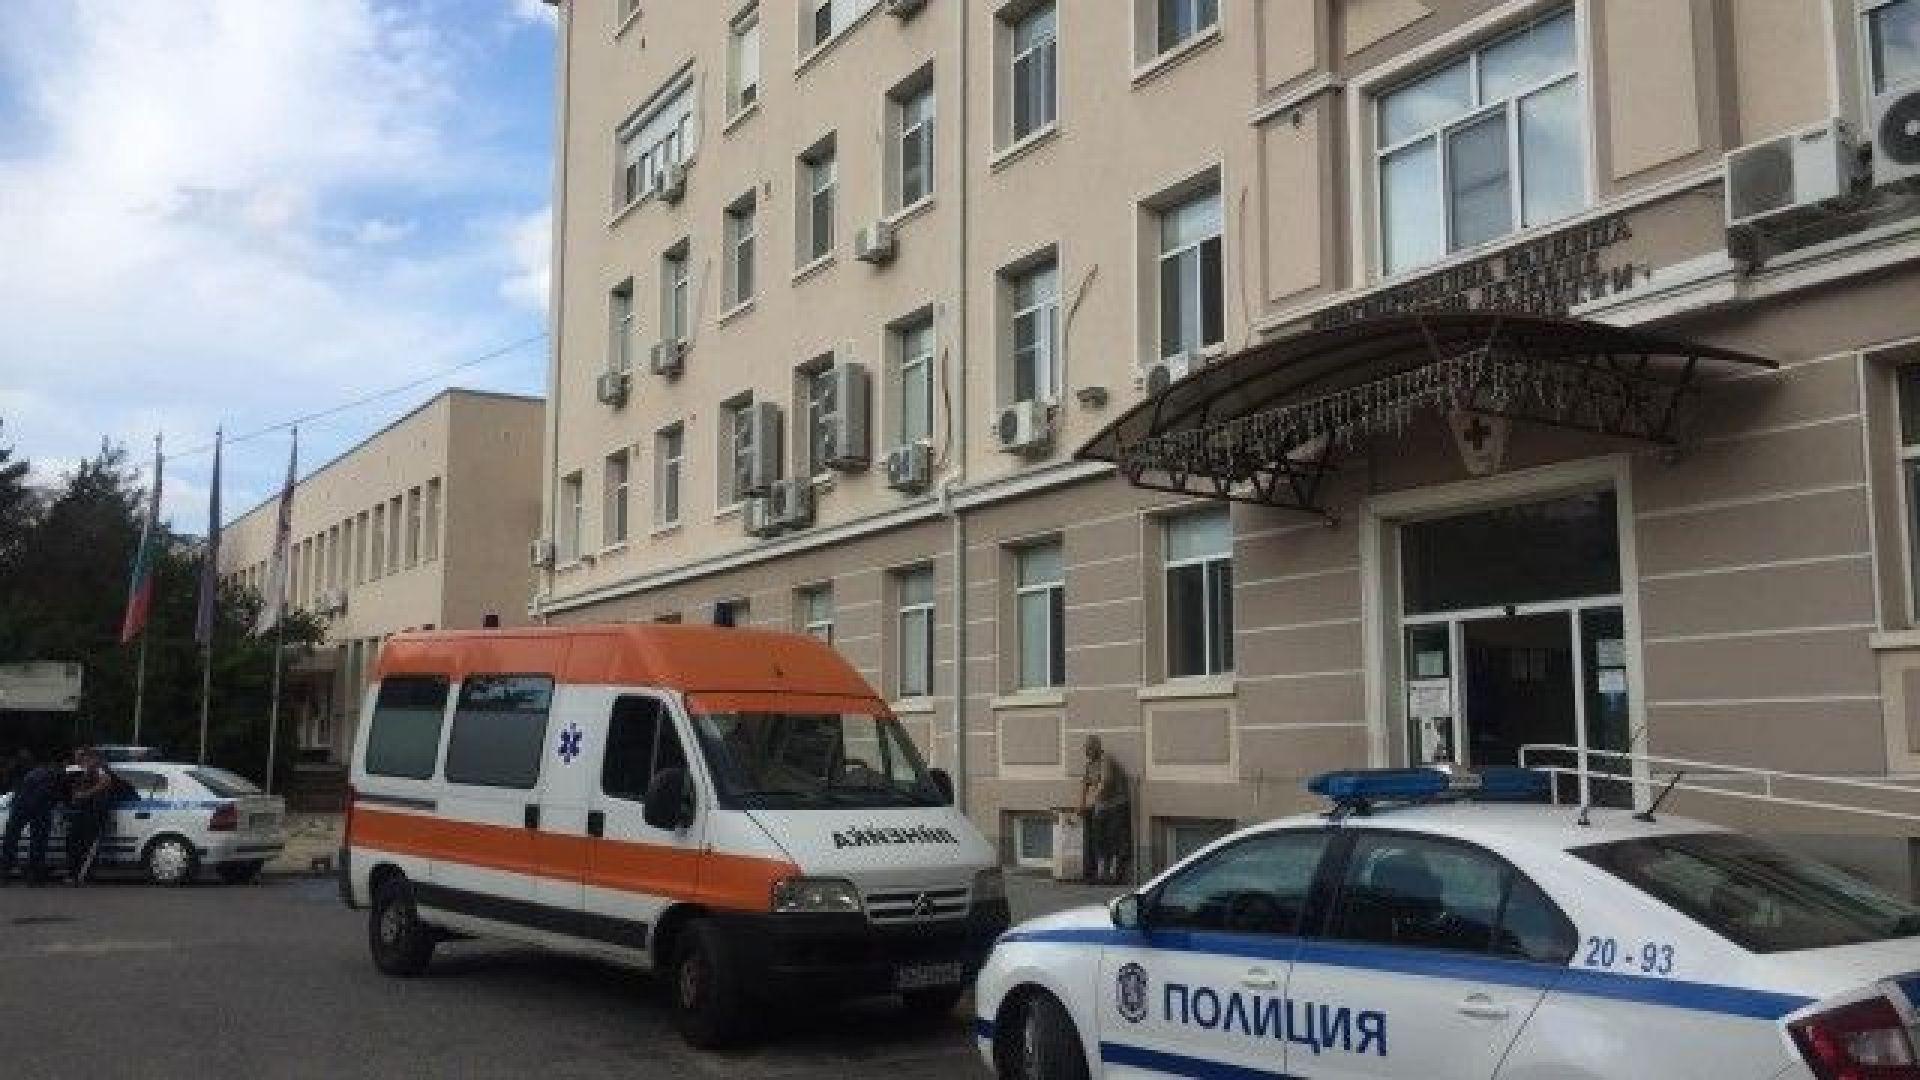 Мартин Трифонов, който е заподозрян за жестокото убийство на 7-годишно